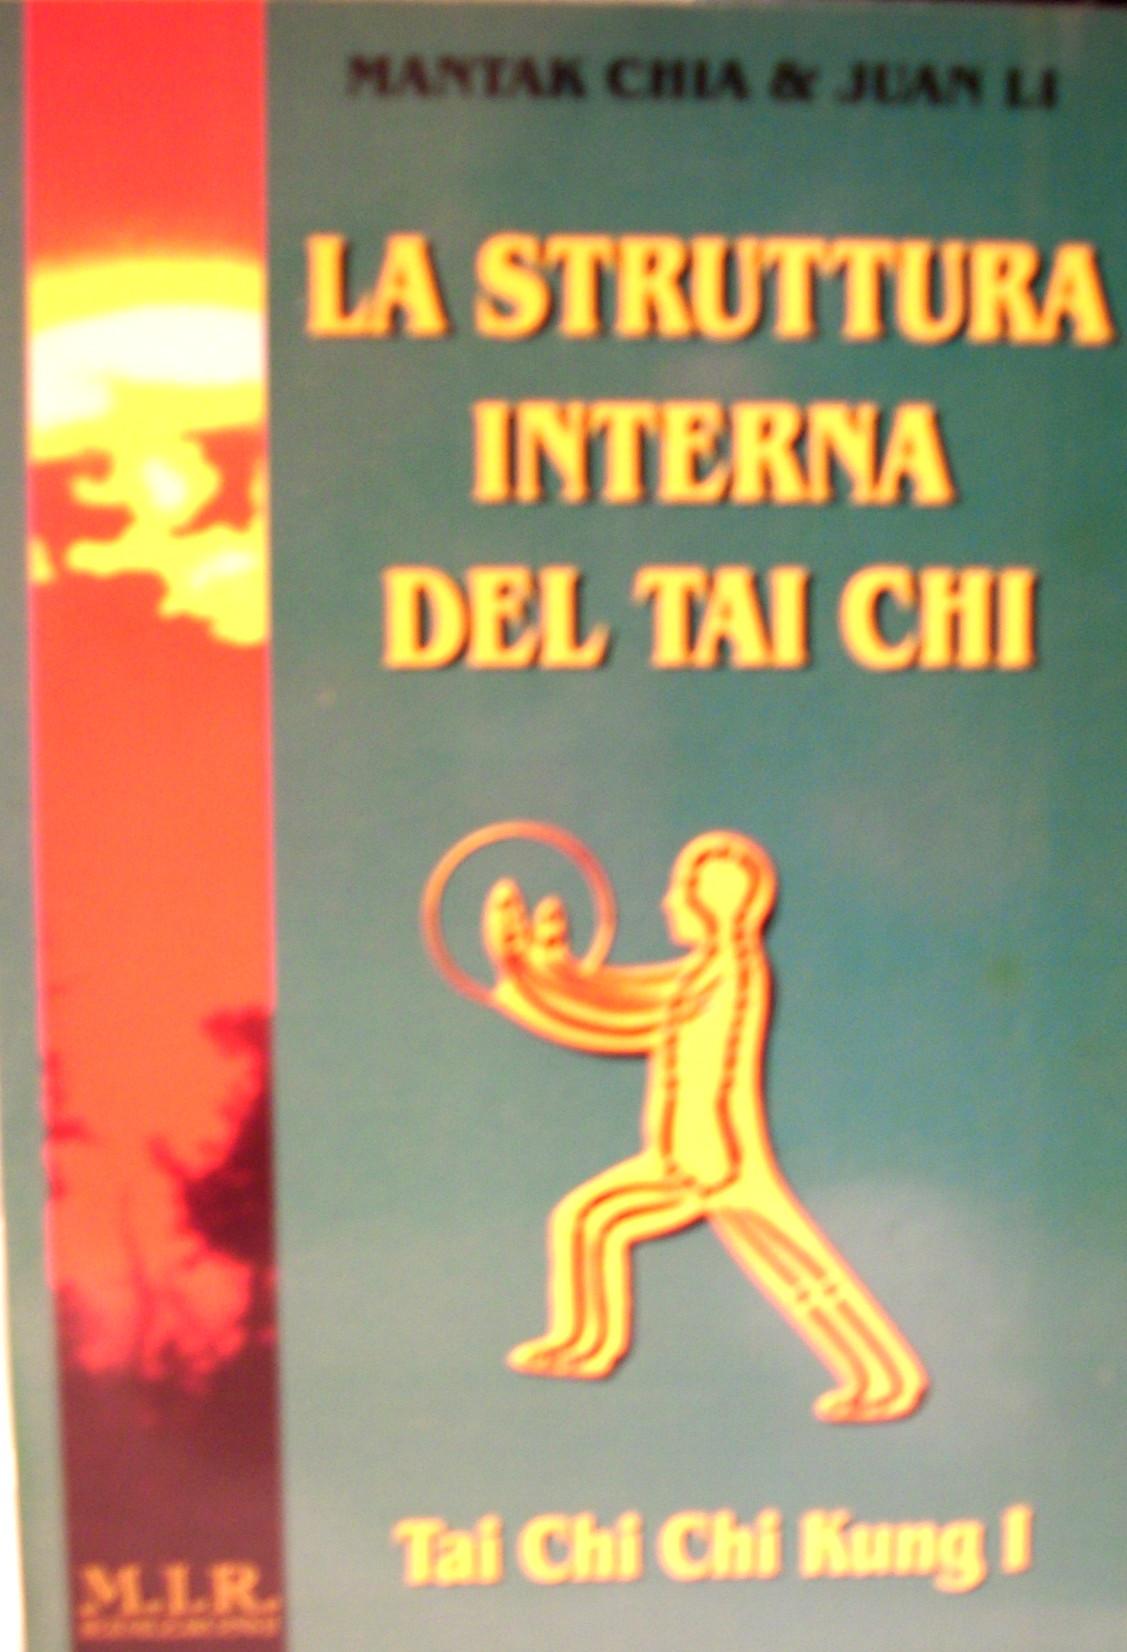 La struttura interna del Tai Chi / Tai Chi Chi Kung